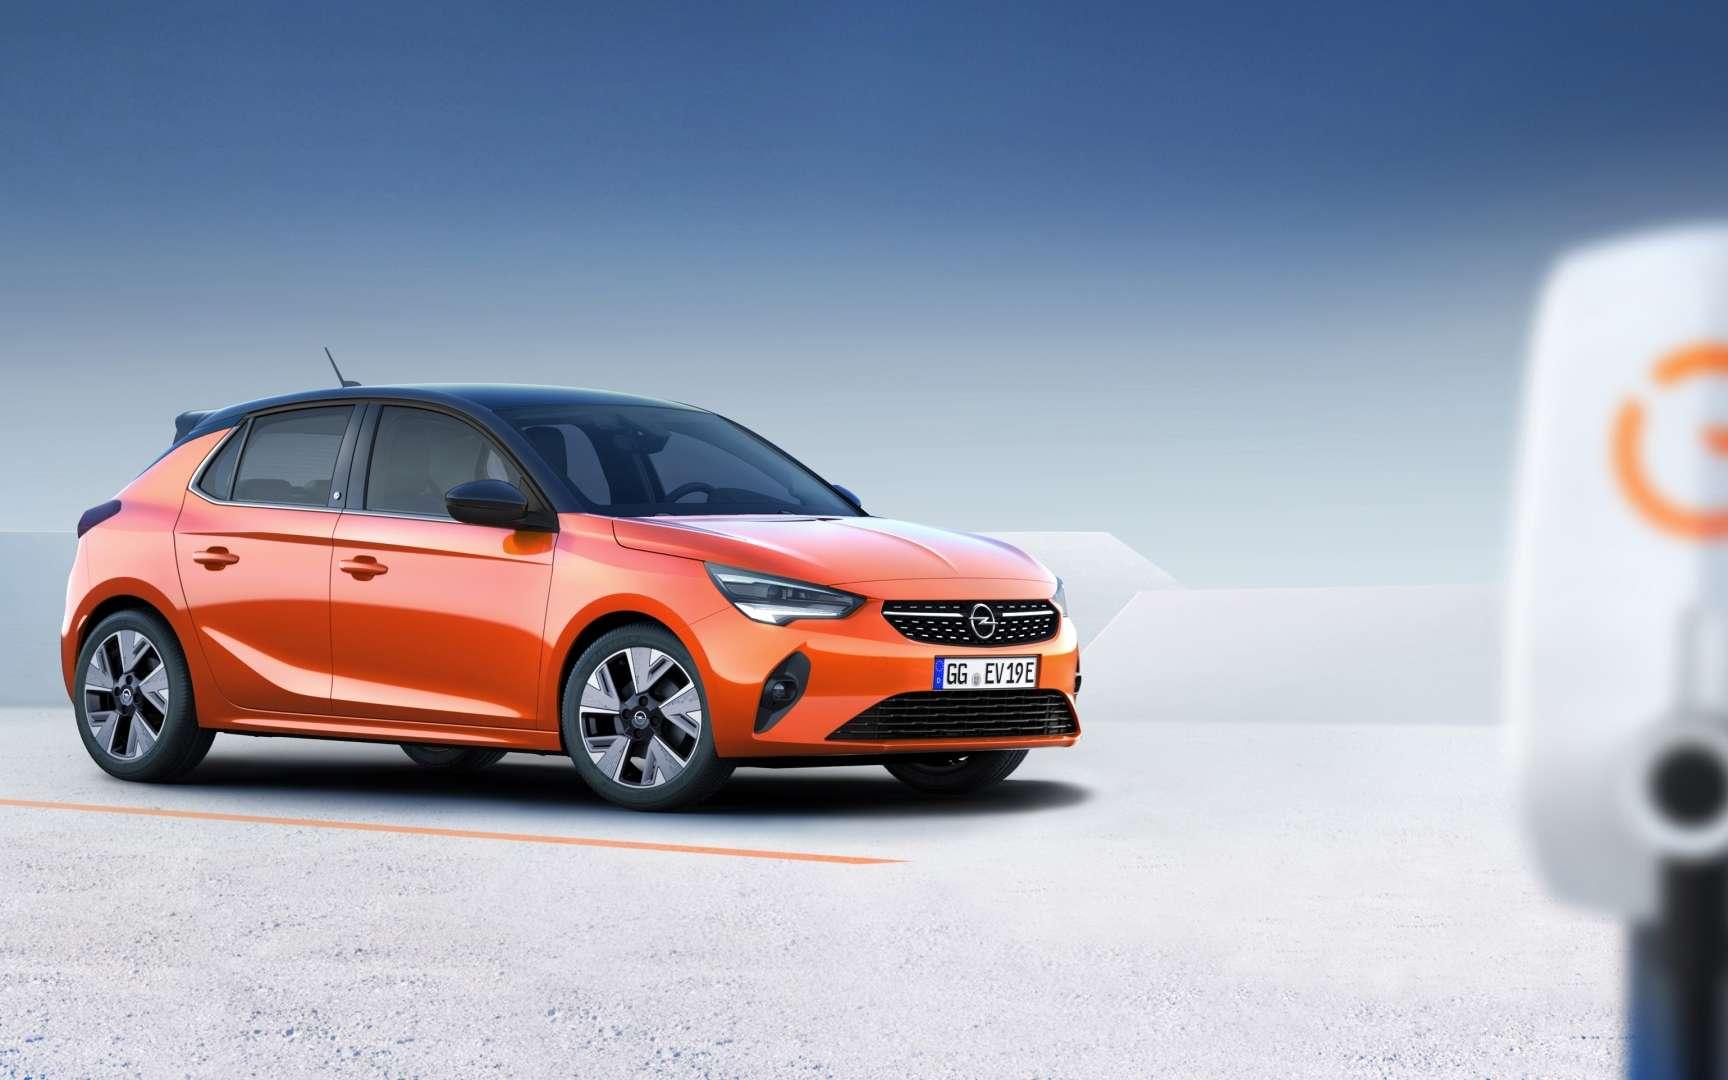 La nouvelle Corsa-e arrivera en fin d'année. © Opel